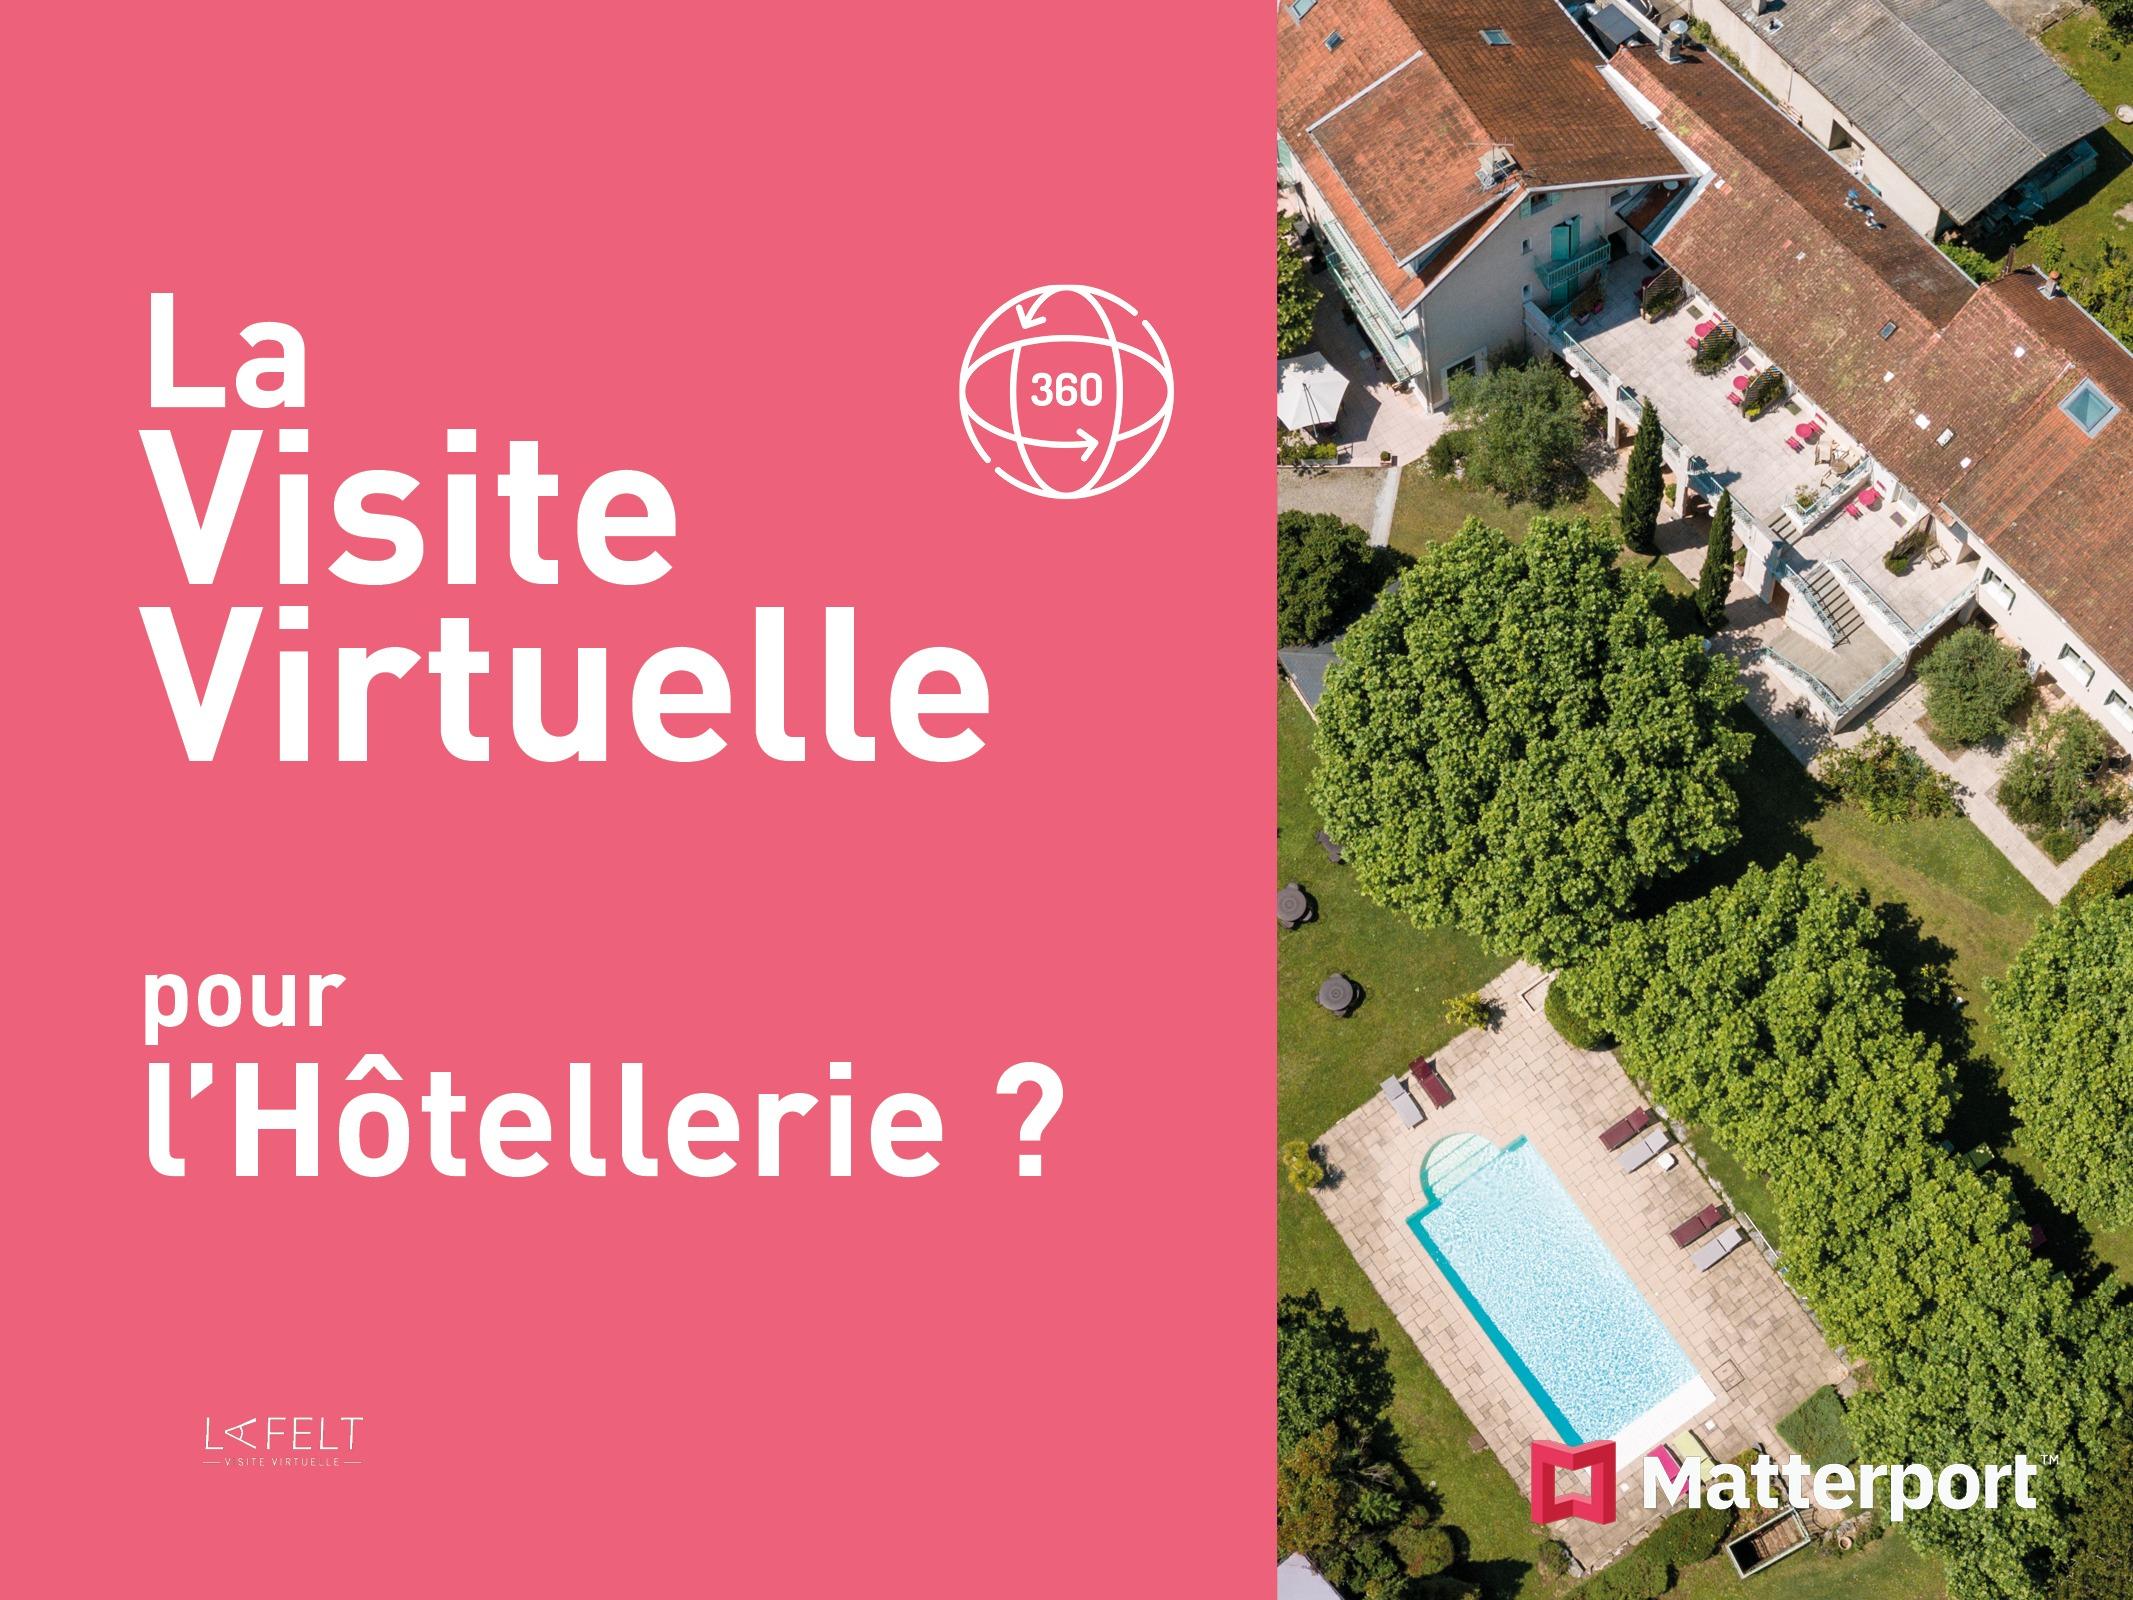 Visite virtuelle pour l'hotellerie et la restauration